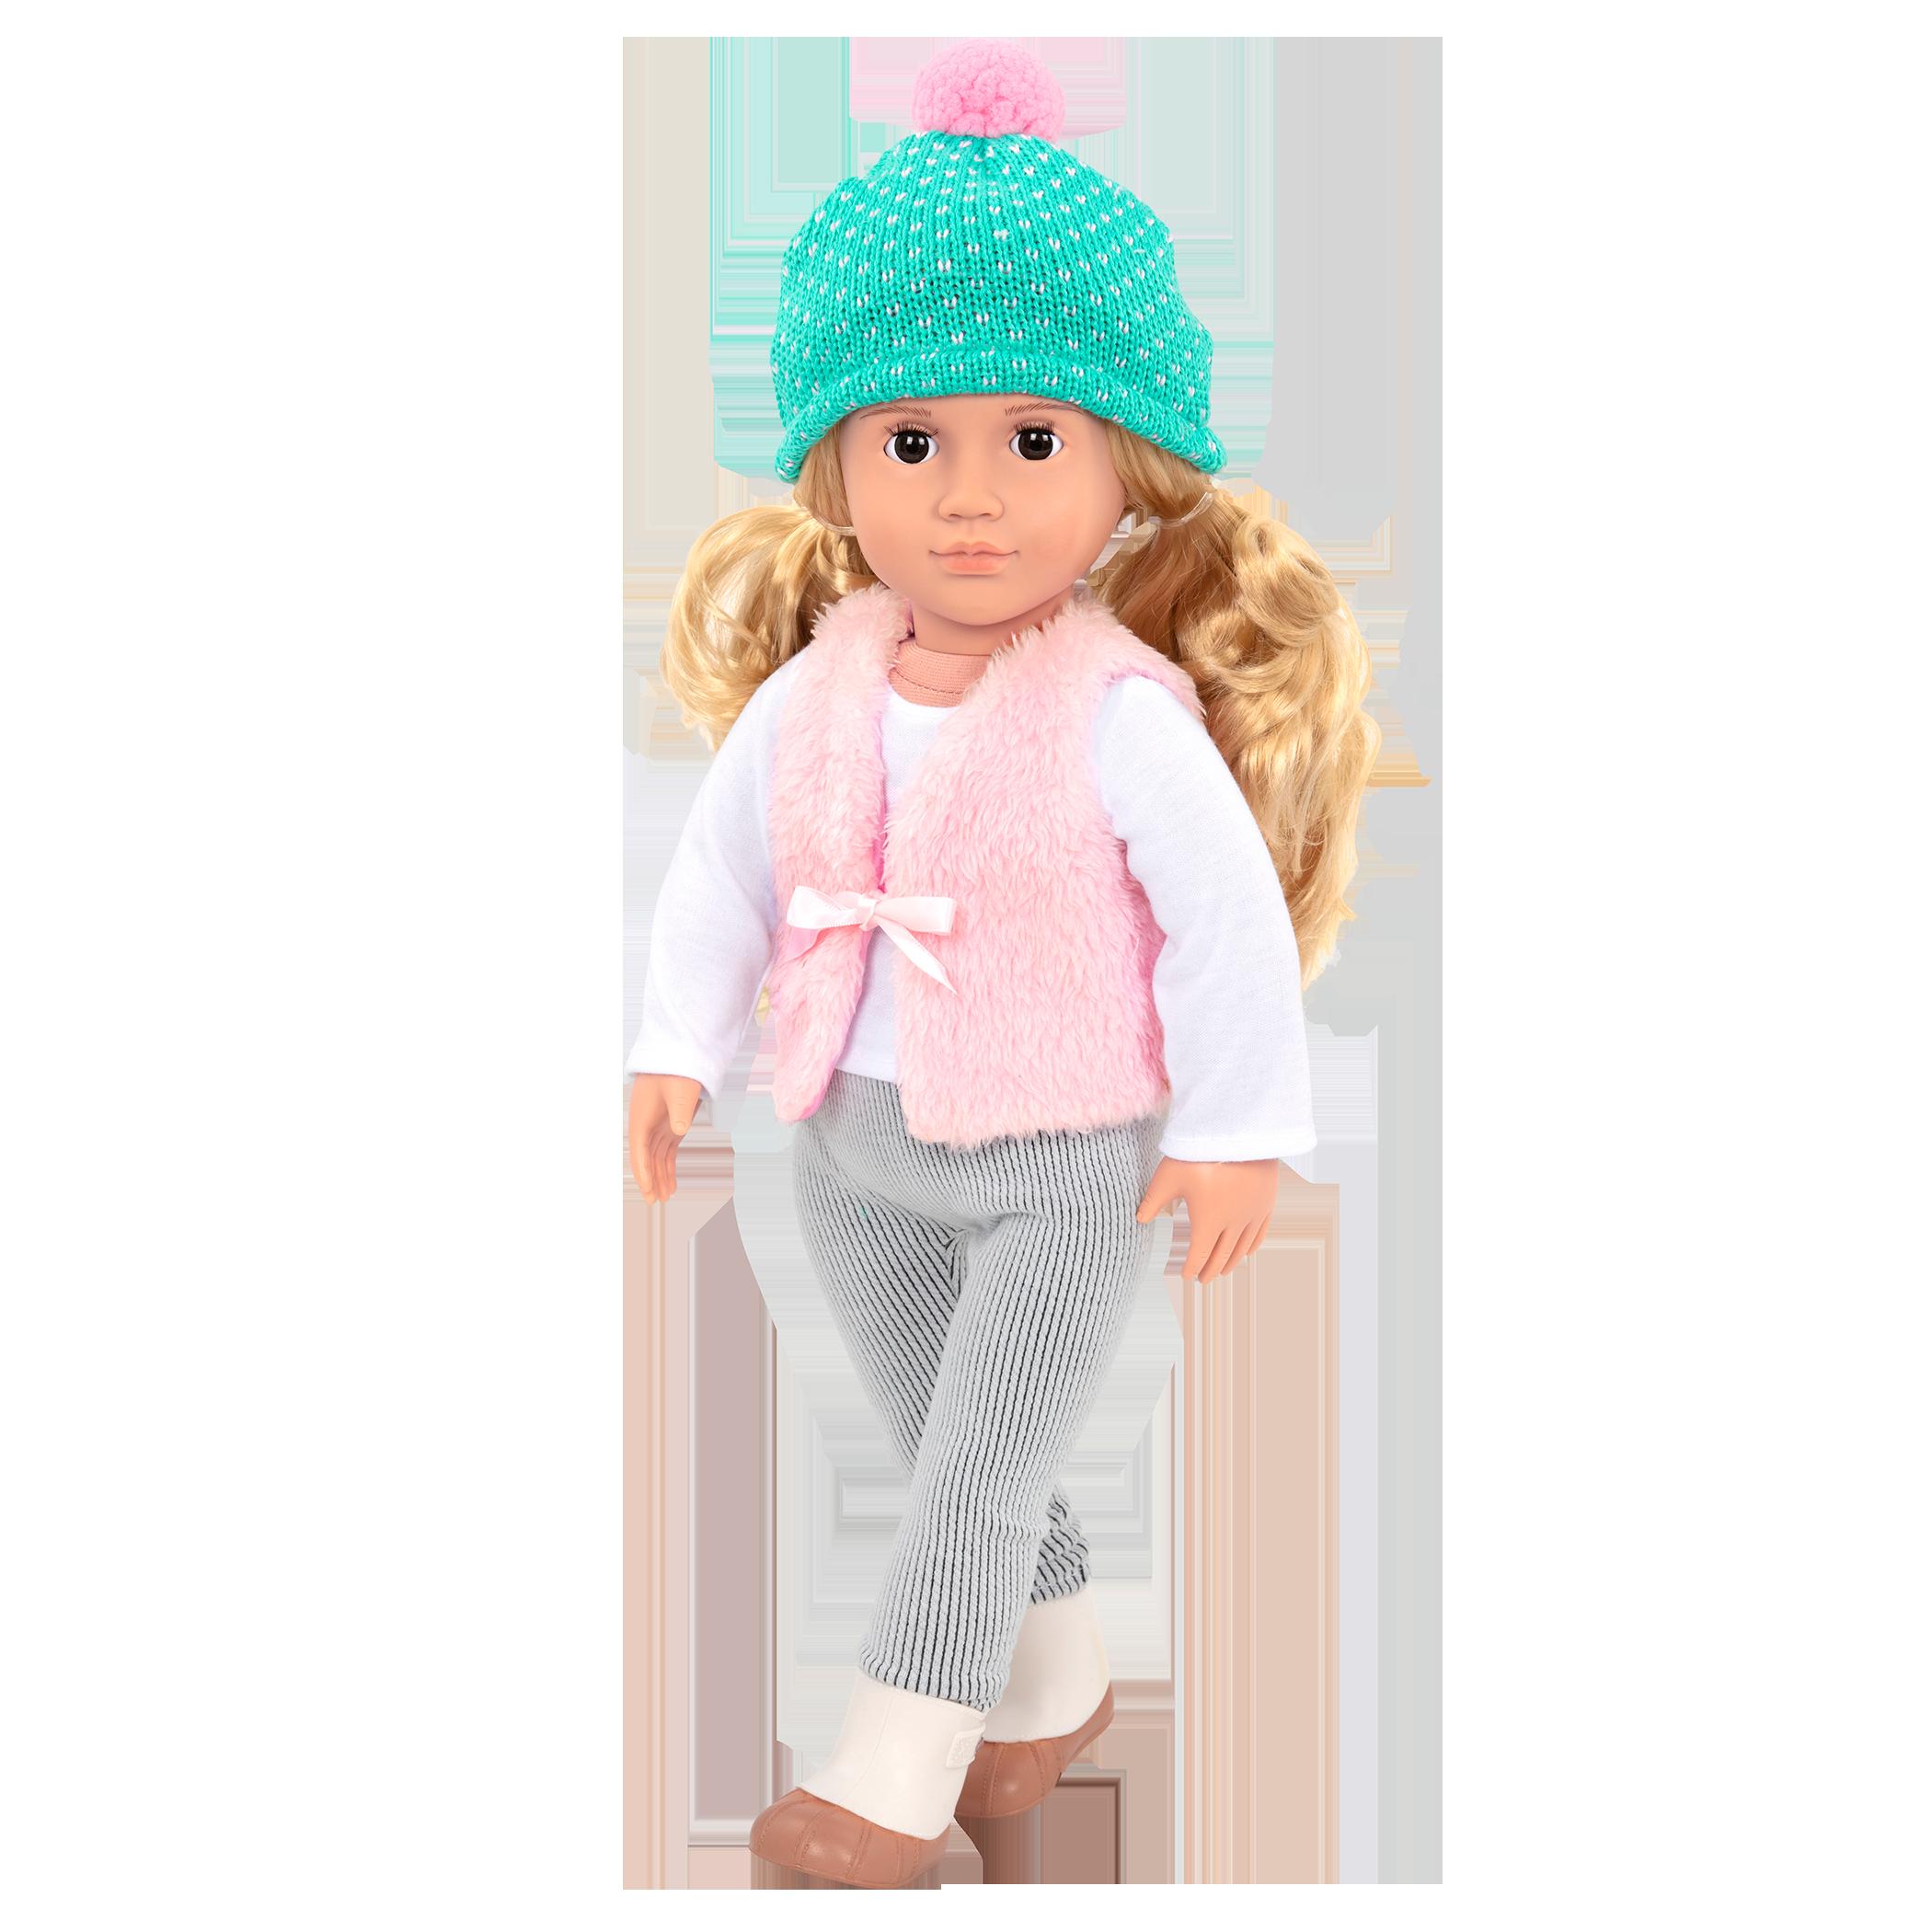 Noelle walking in the Fuzzy Feelings outfit